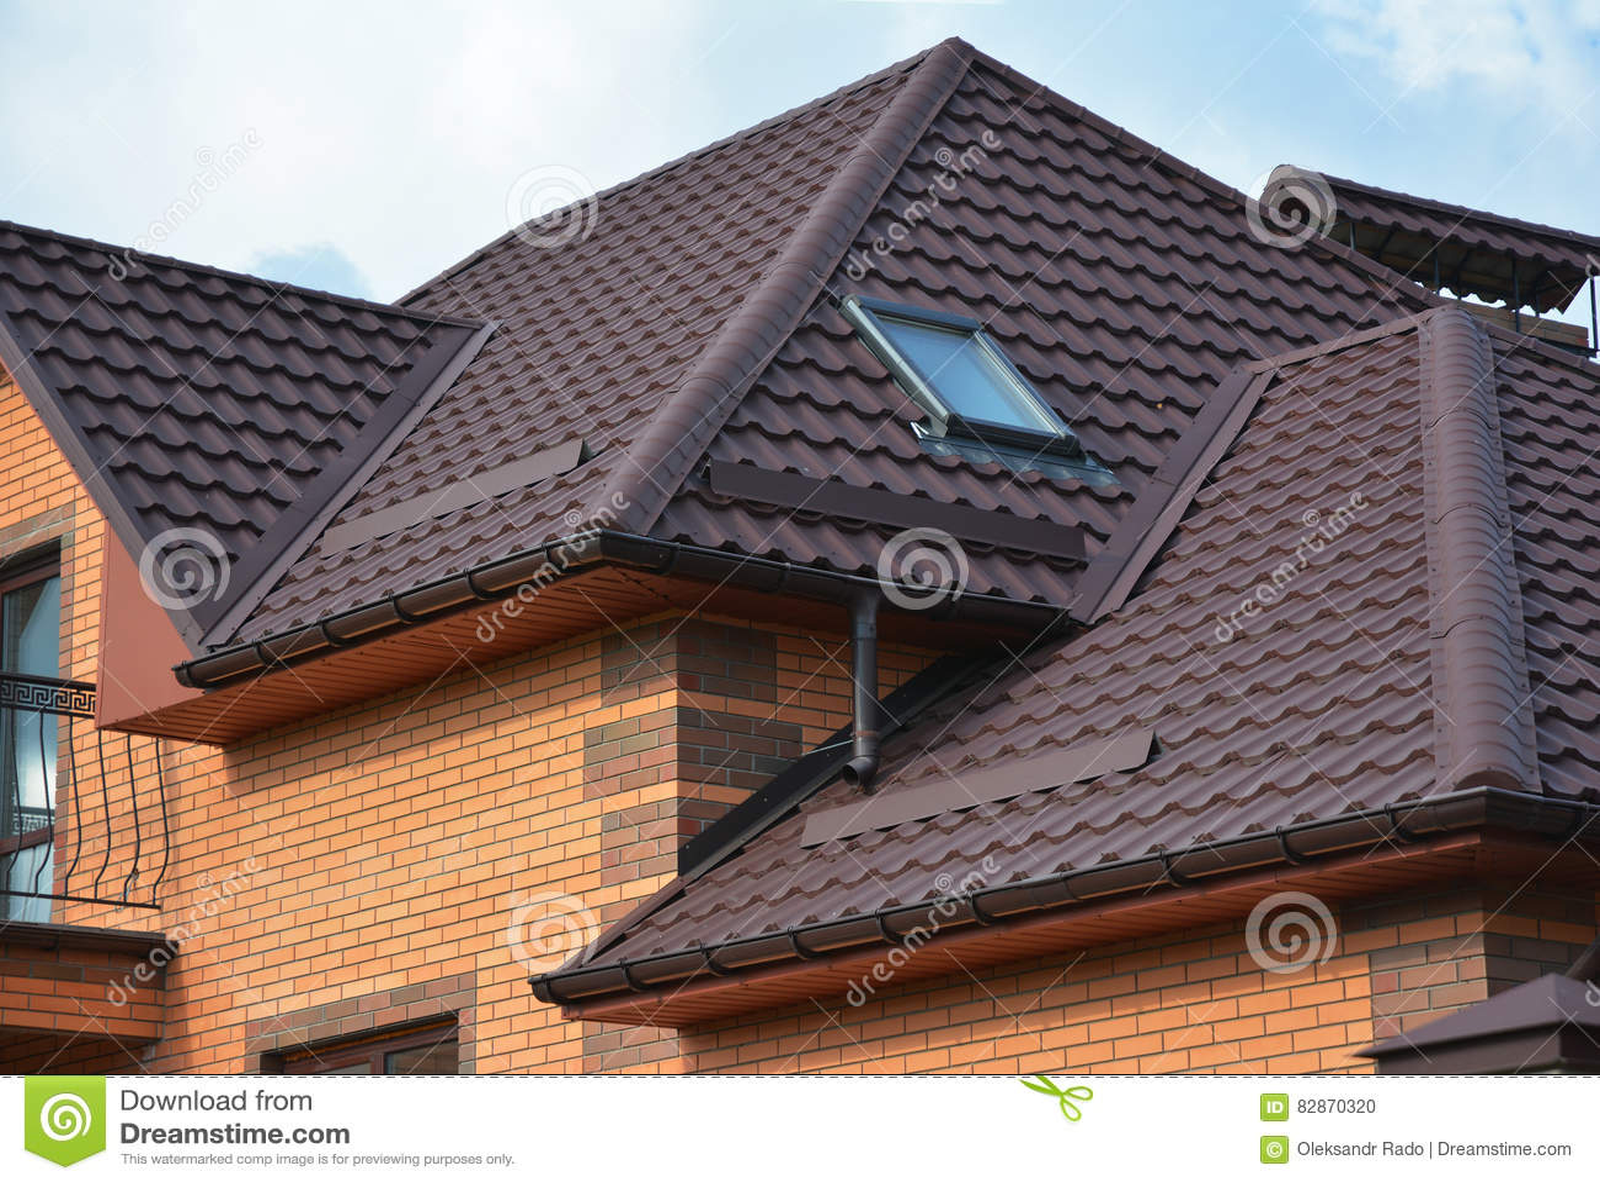 Dakwerkbouw met zolderdakramen, dakgootsysteem en dakbescherming tegen sneeuw Heup en Valleidakwerktypes